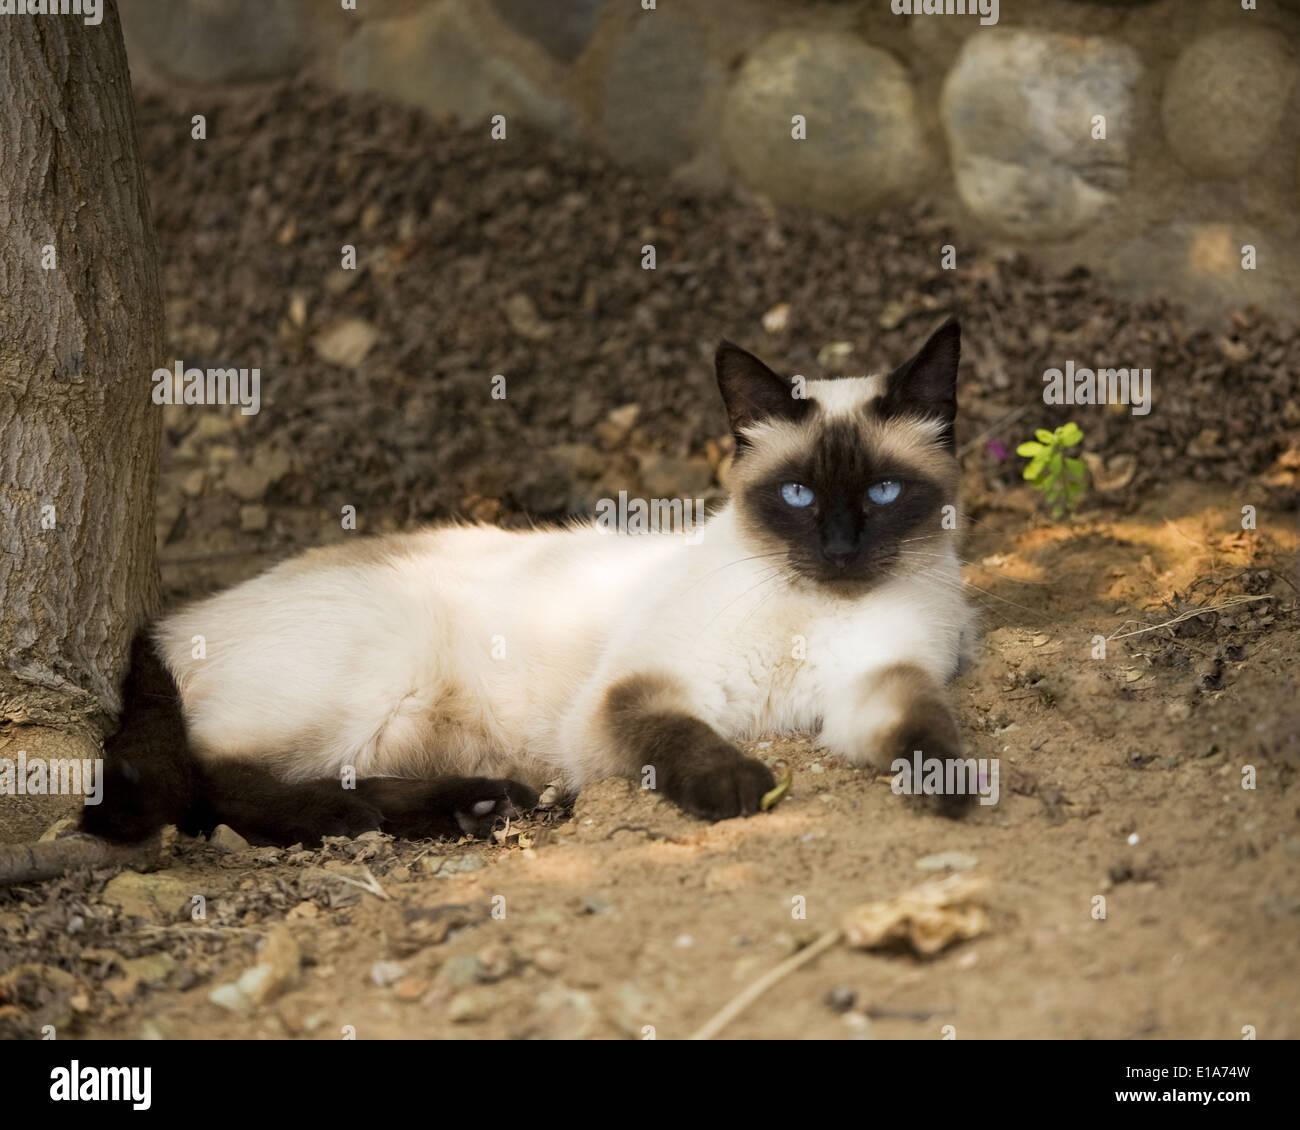 2701098e2b84 Seal Point Siamese Cat Stock Photos & Seal Point Siamese Cat Stock ...